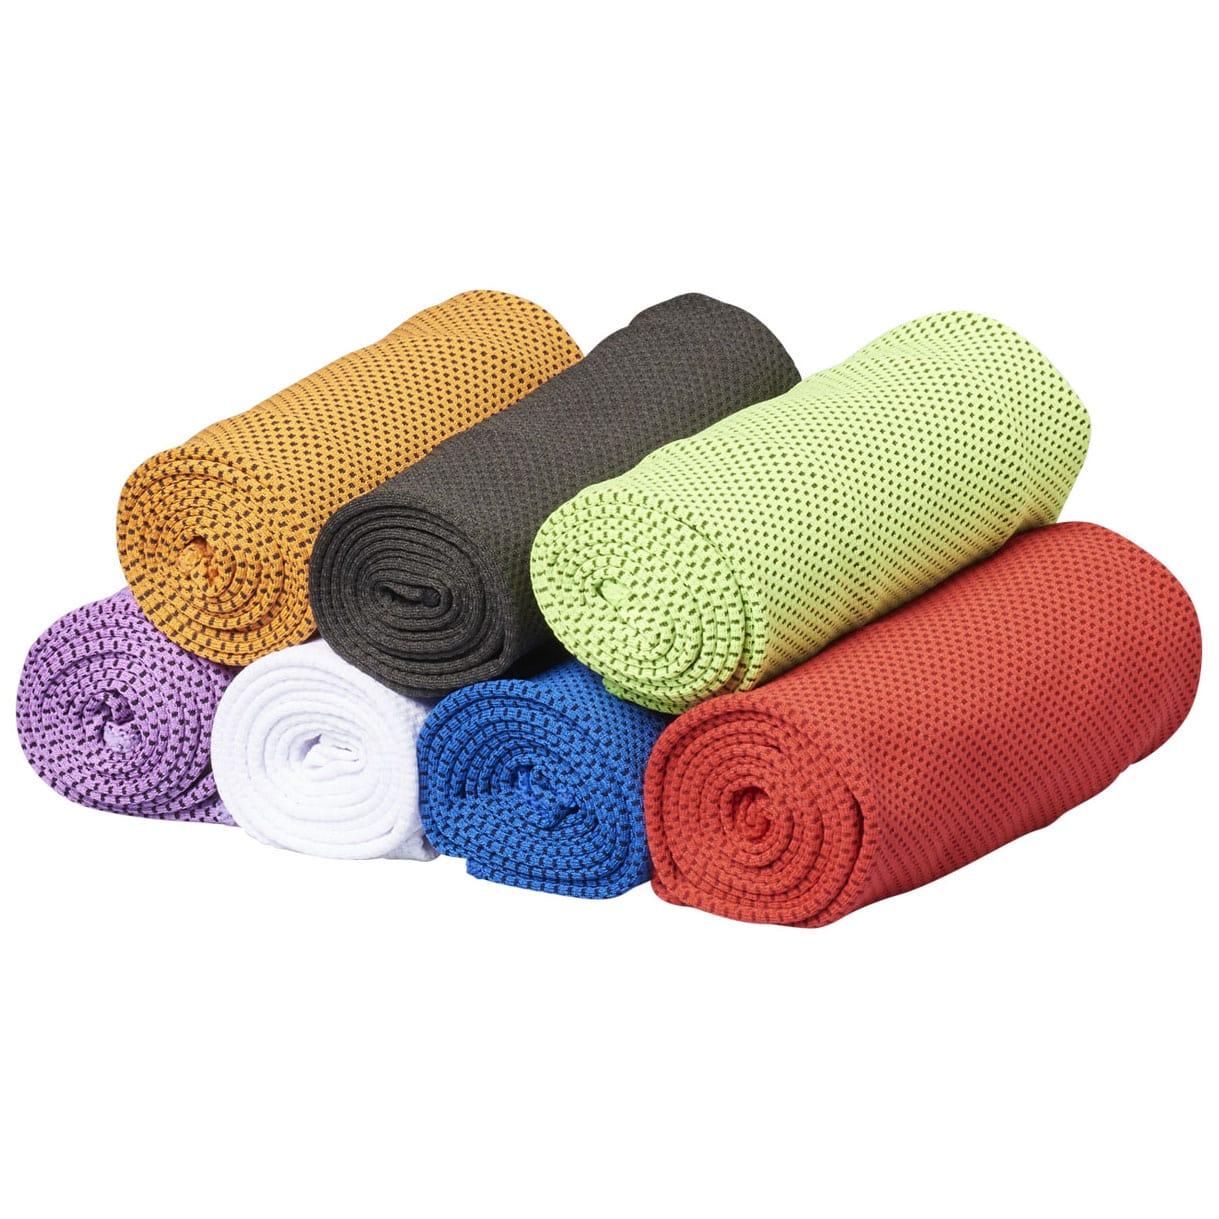 Afbeelding van 100st. Bedrukte Fitness handdoek Alpha Polyester bedrukken handdoeken